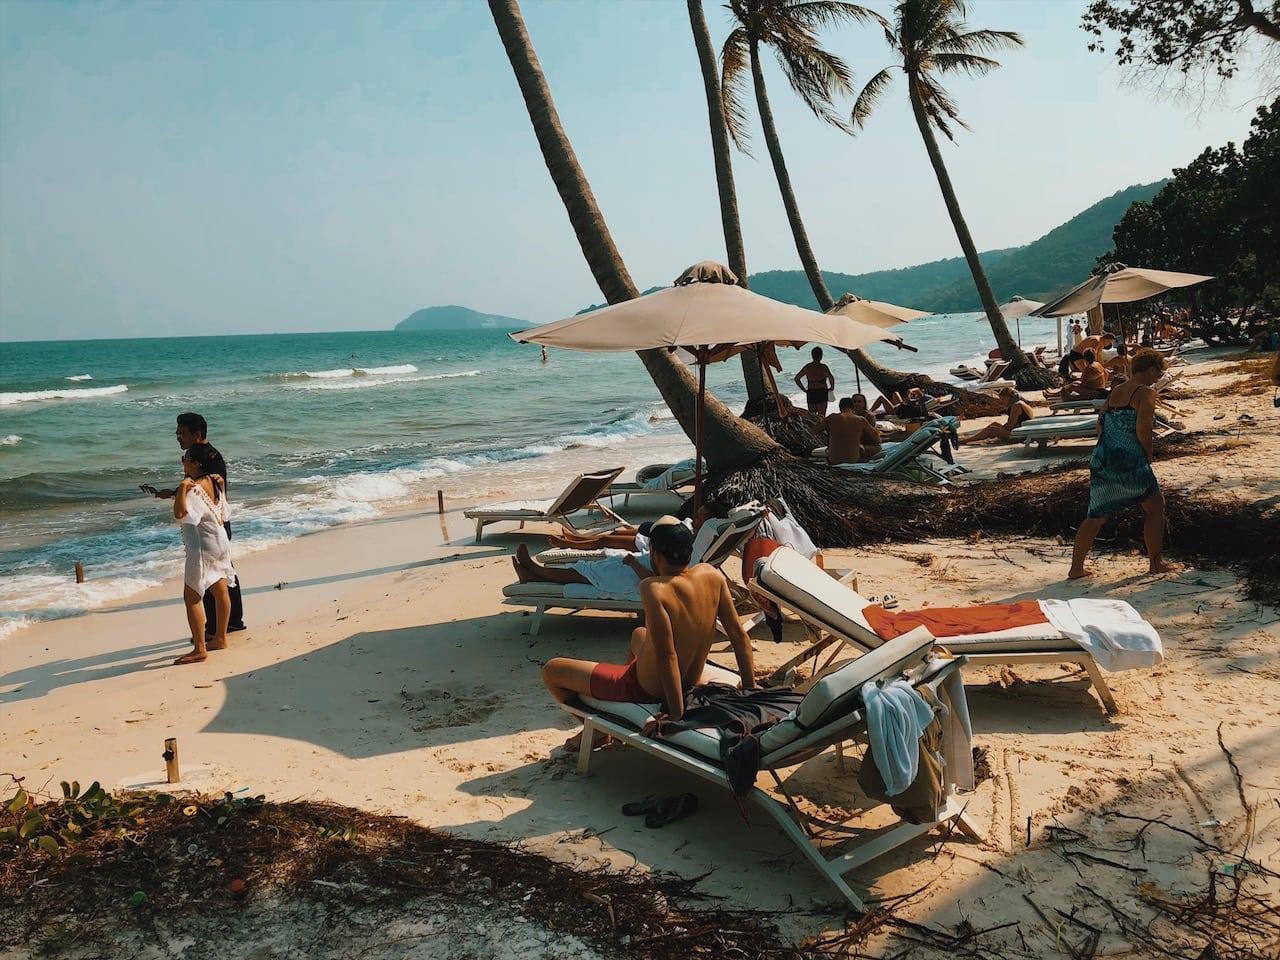 leżaki na sao beach, biały piasek , słońce, rajski widok, paradise, plamy plams tree, epic beach must see, ciekawe miejsce,wyspa phu quoc wietnam neverendingtravel.pl